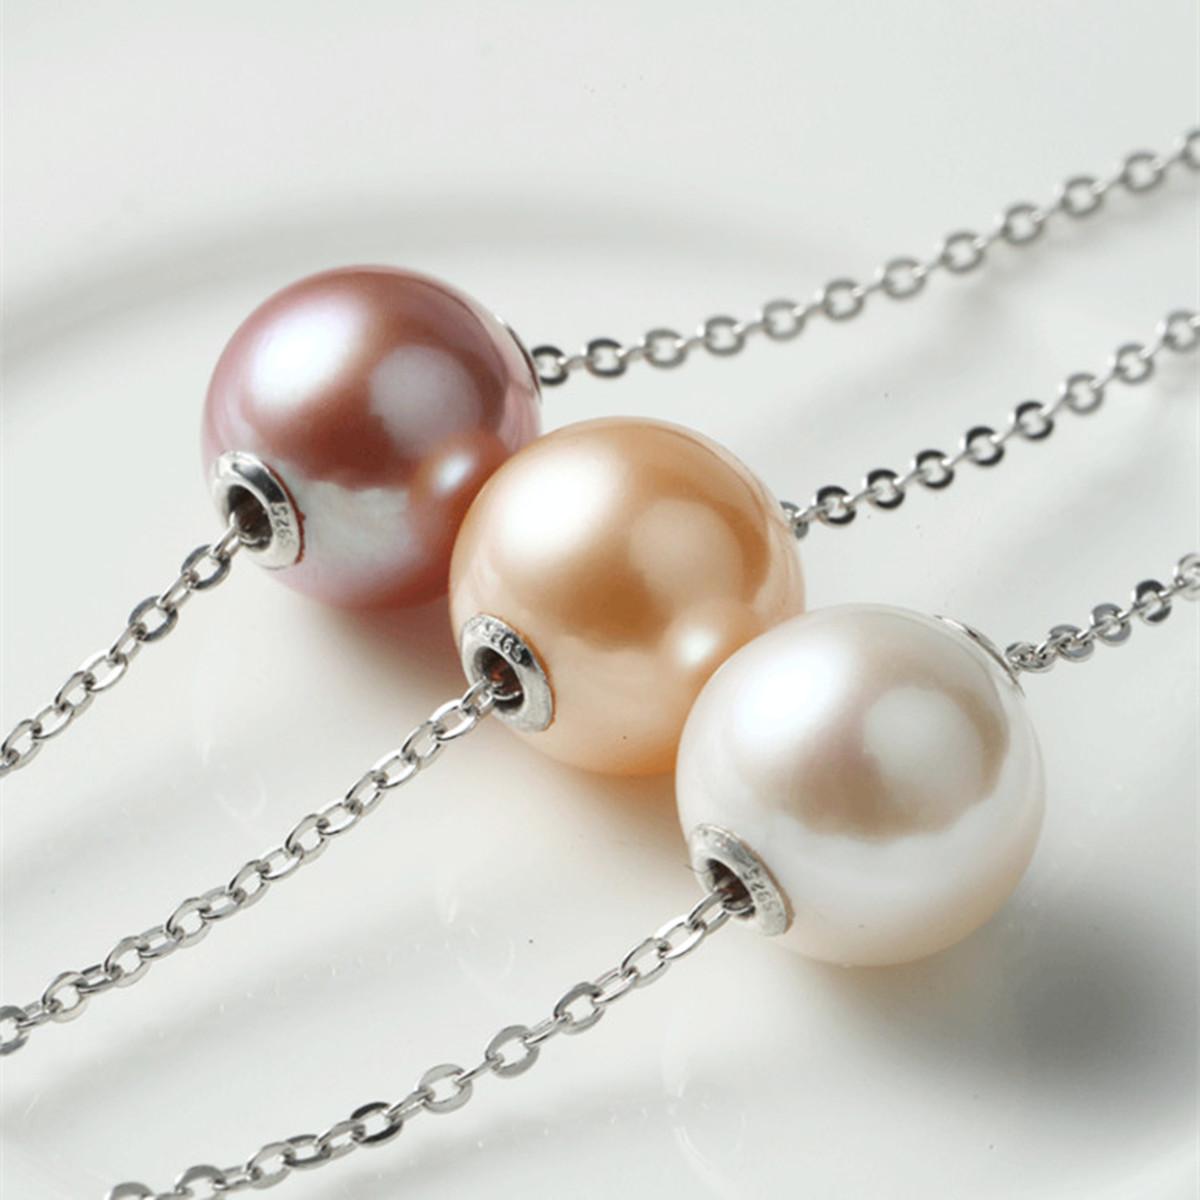 正圆极亮无瑕紫色路路通纯银珍珠项链单颗粉色天然珍珠吊坠锁骨链